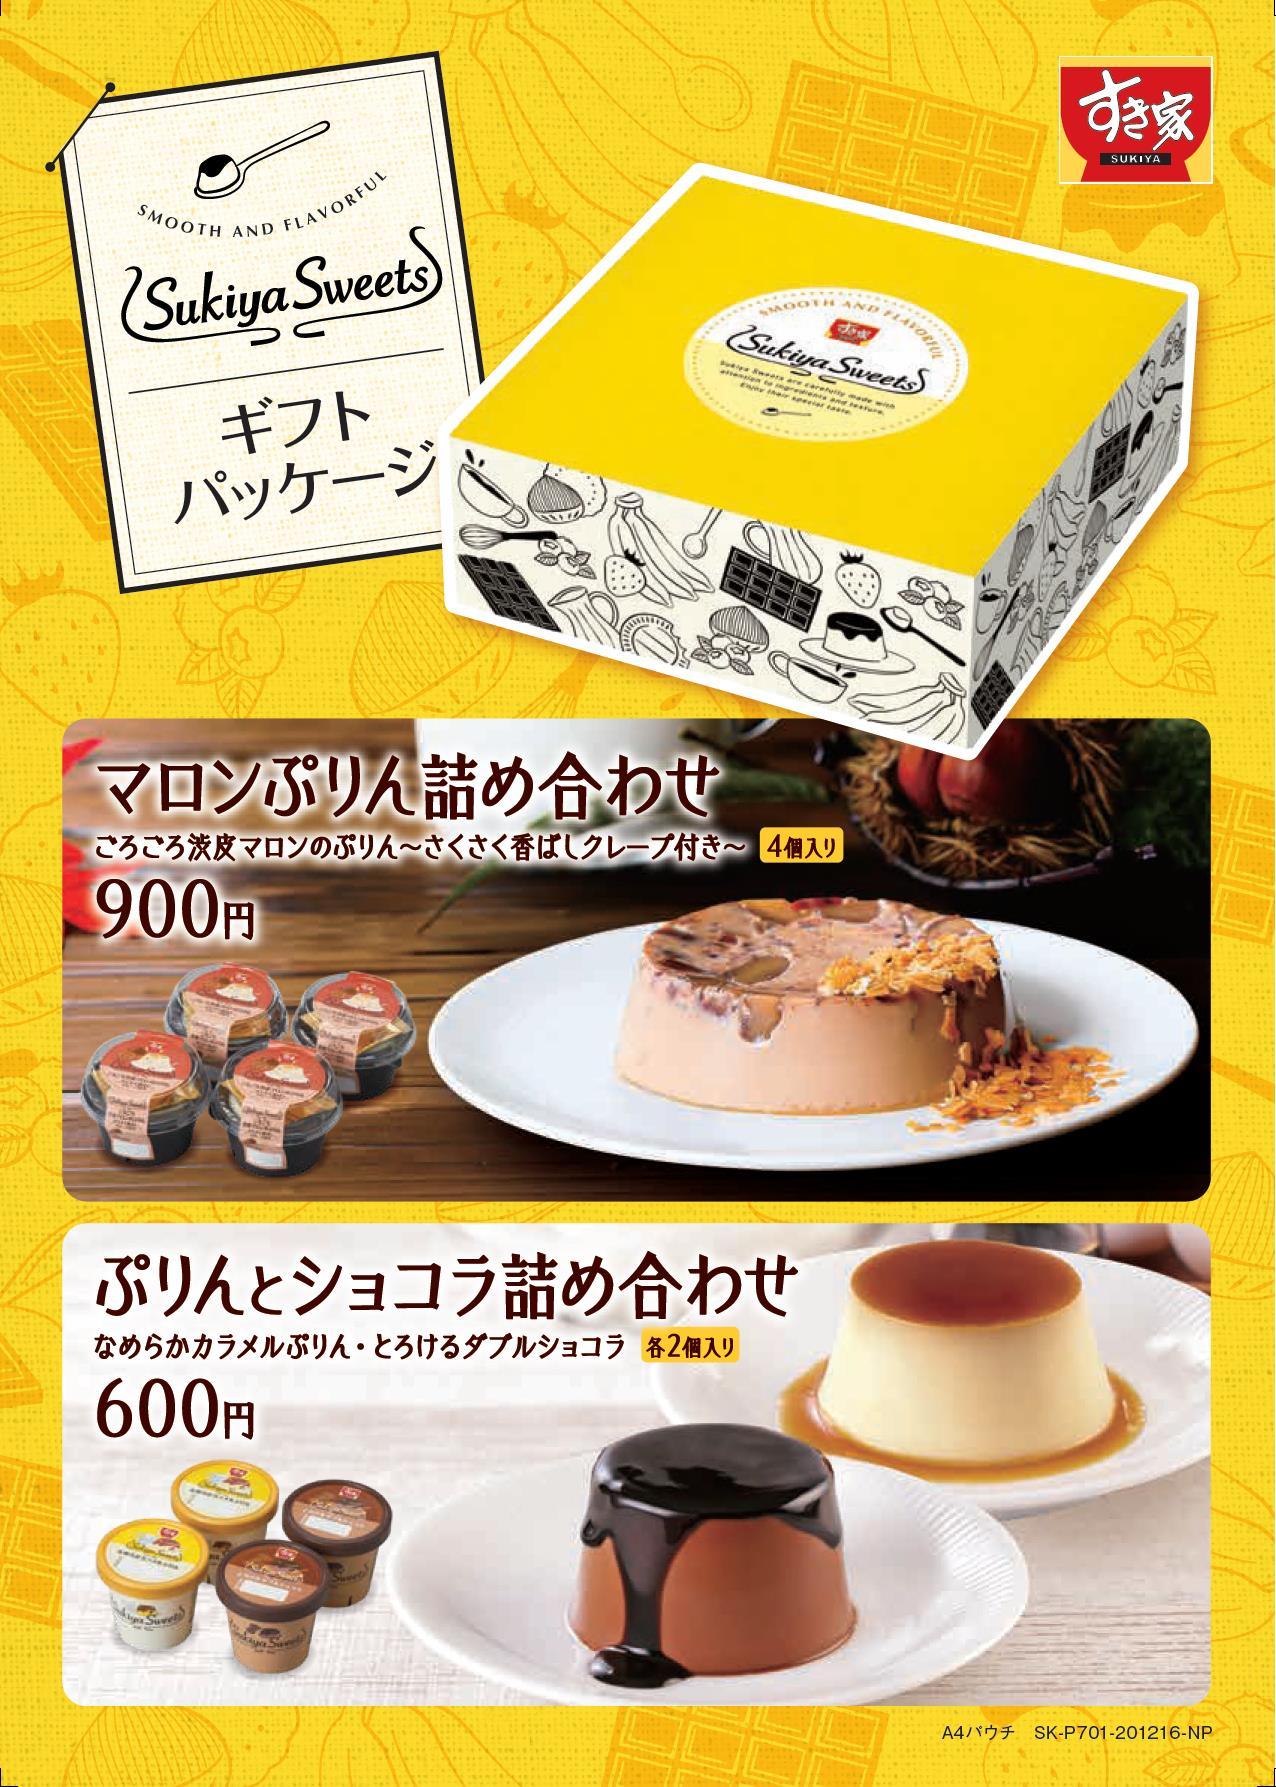 photo_20201210_sweetsgift.jpg